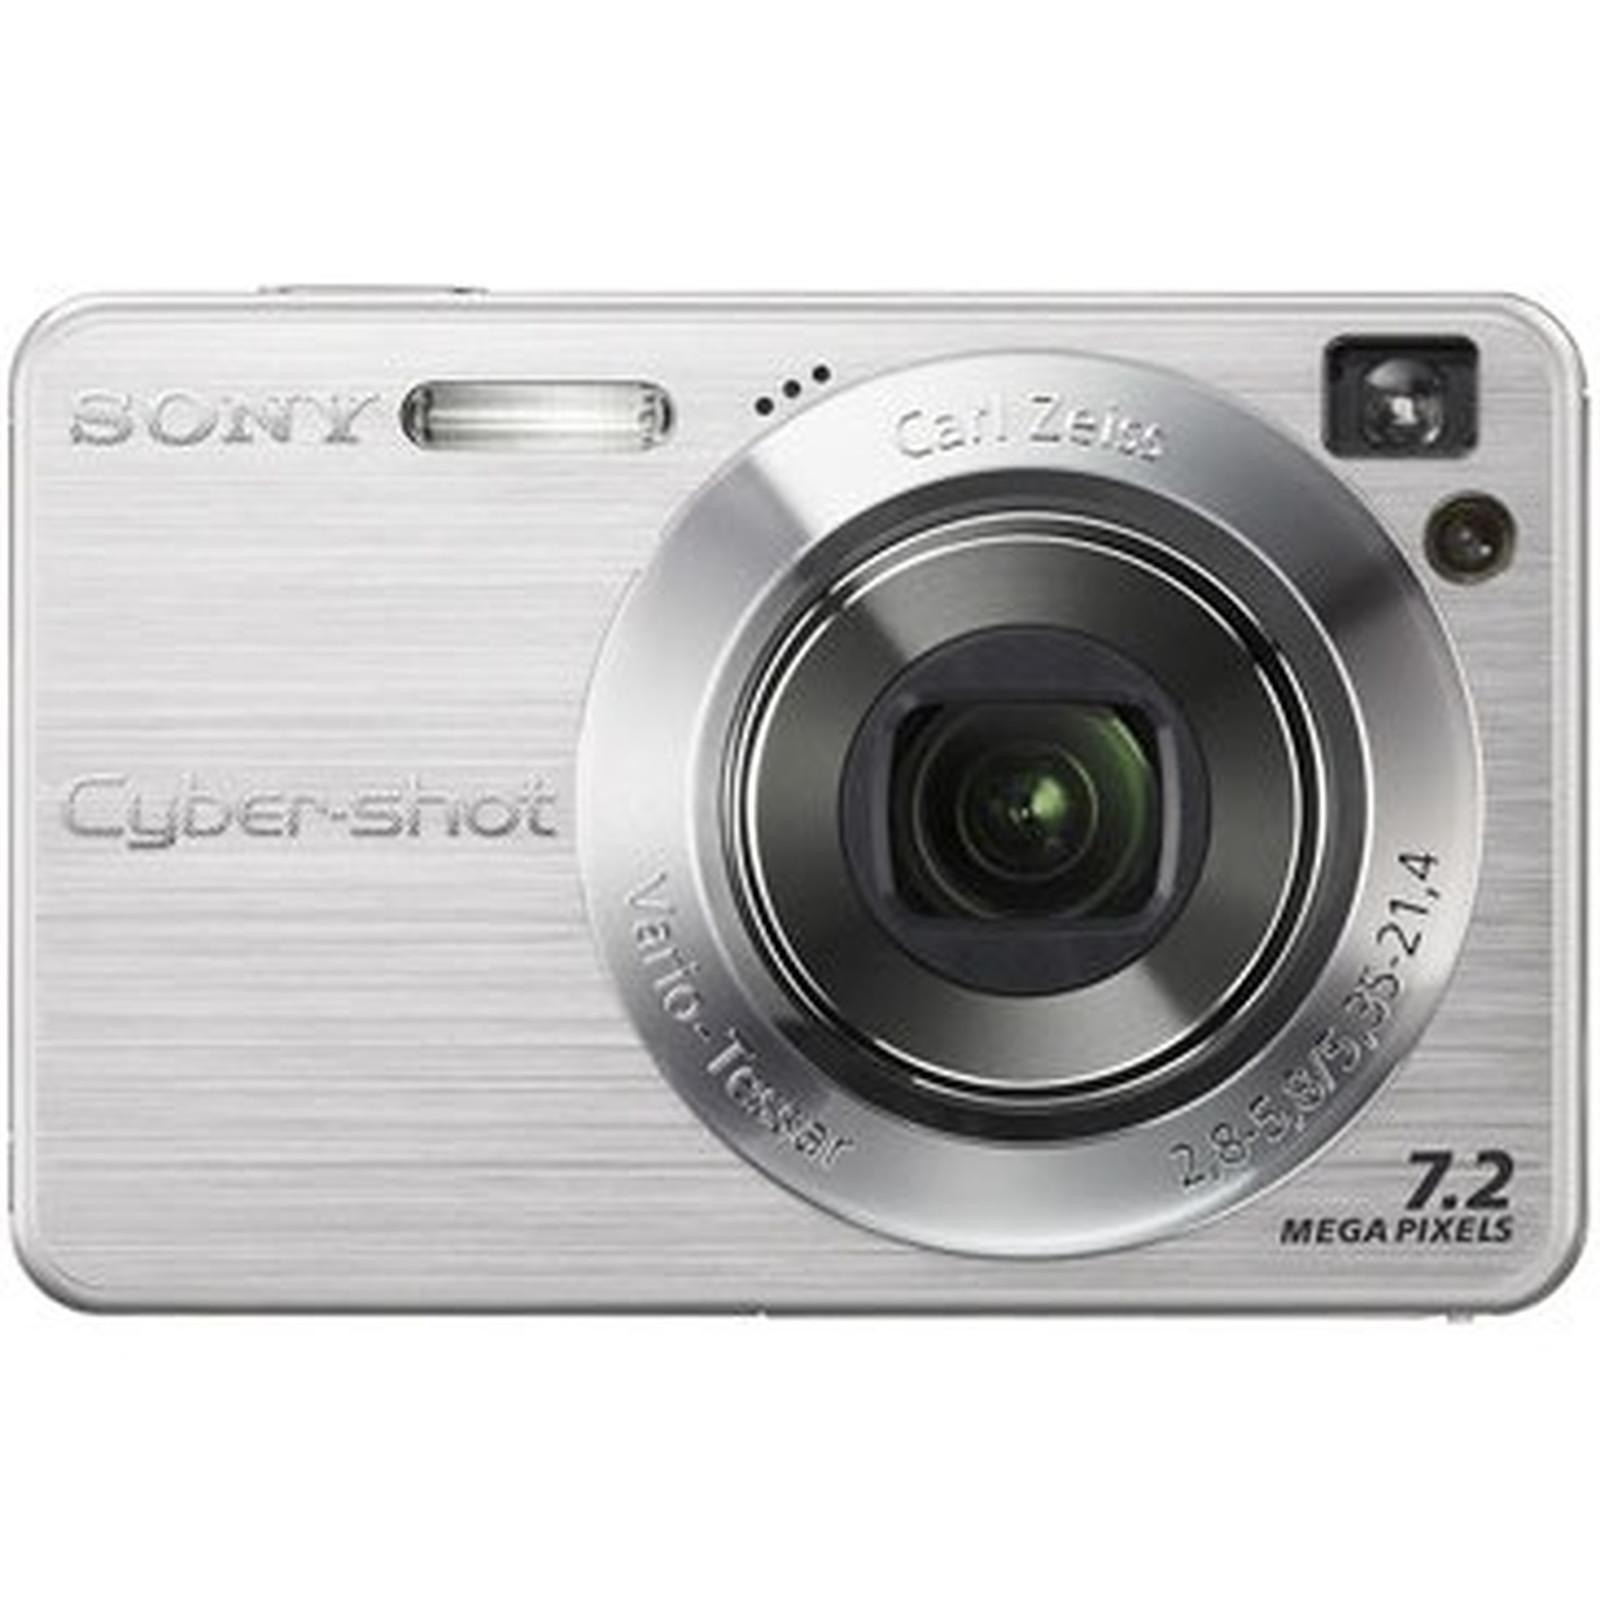 Sony CyberShot DSC-W120